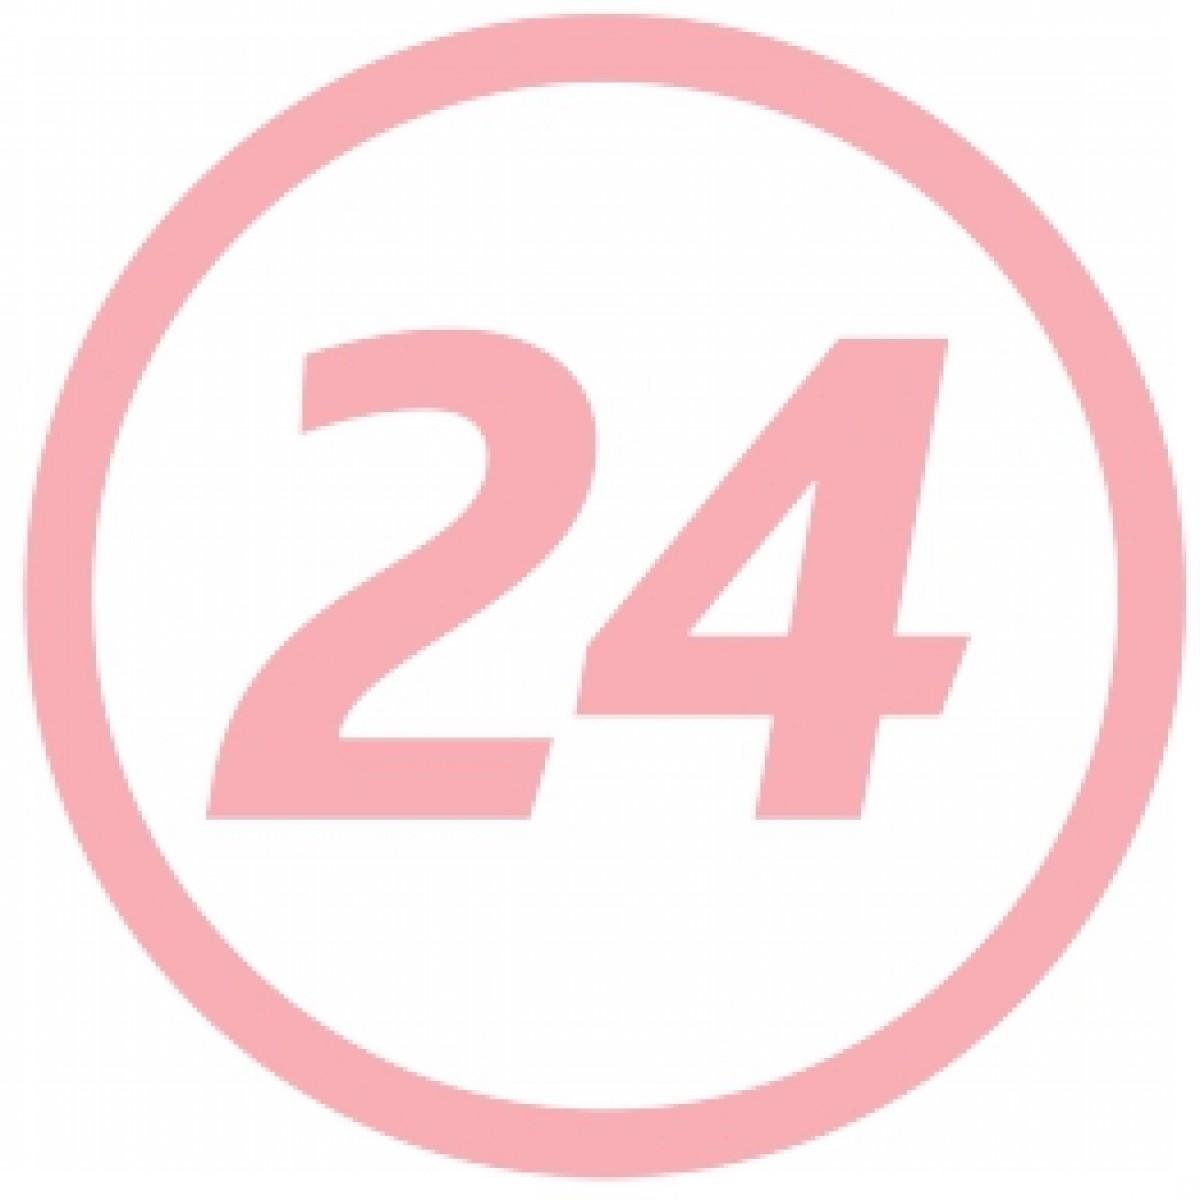 Hartman Dermaplast Protect 19mm X 72mm, Plasturi, 20buc